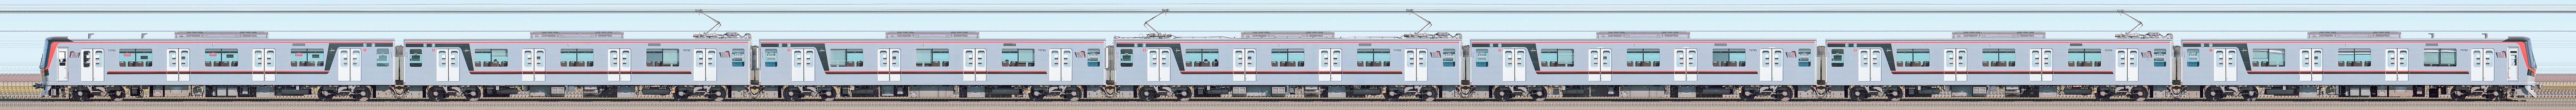 東武70000型71793編成(山側)の編成サイドビュー